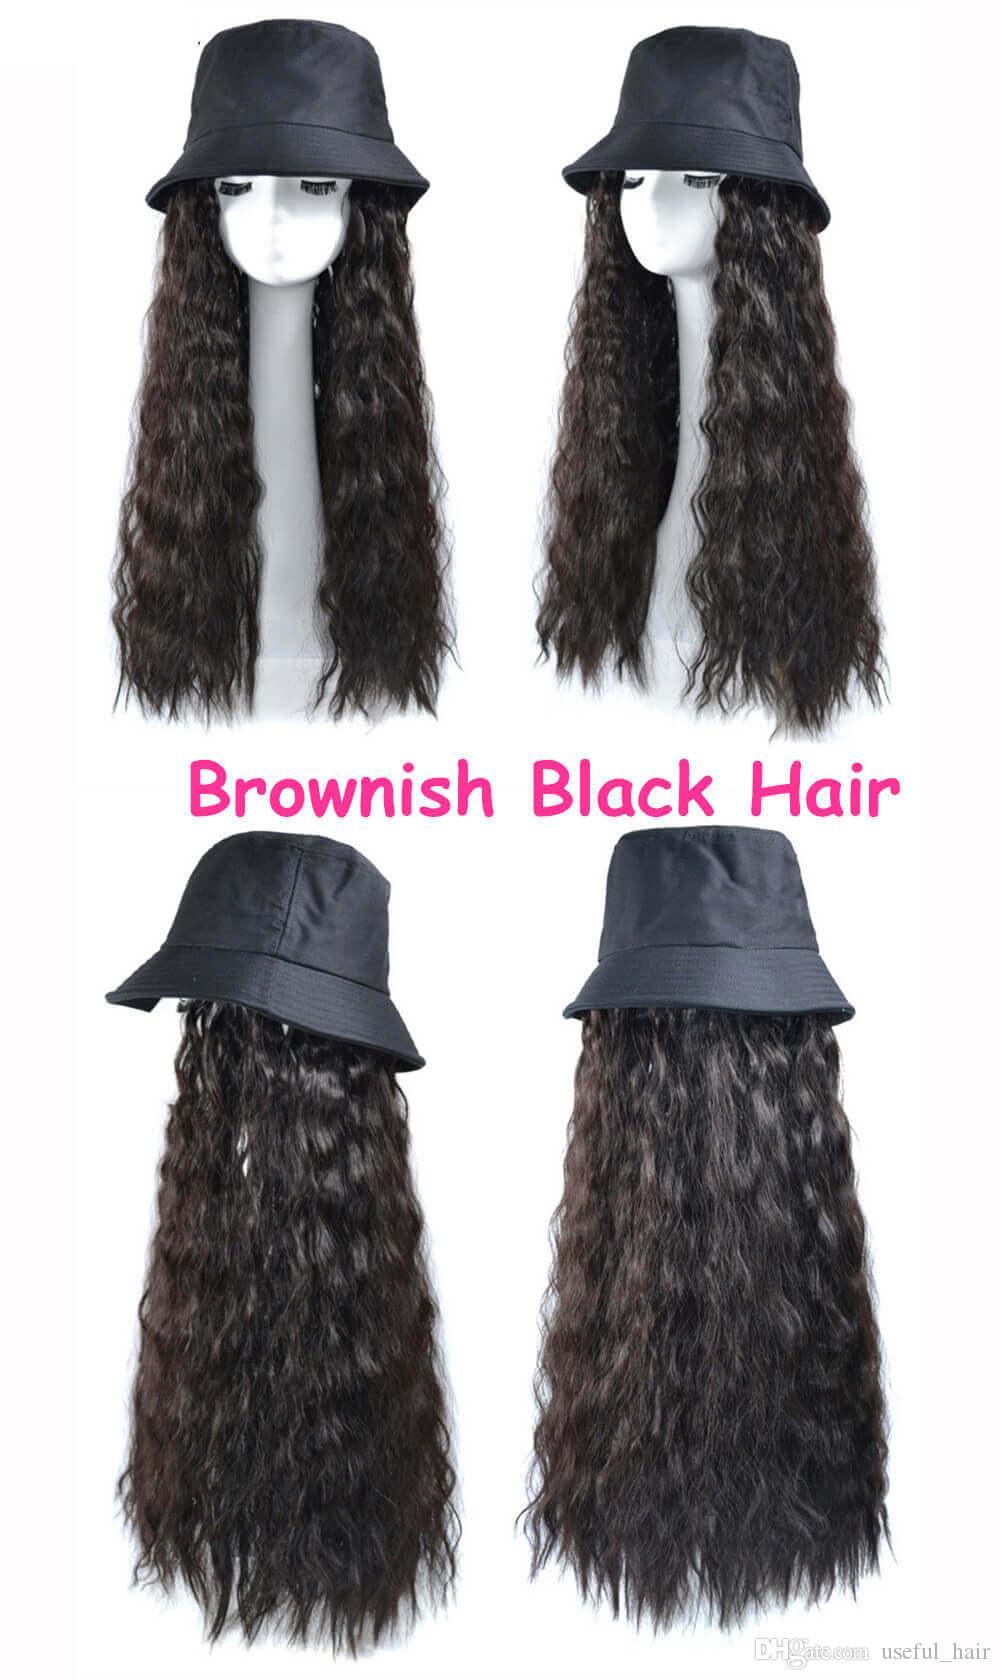 зима теплая шерсть вязать шапка волос крючком косички волос парики кудрявый фигурные Синтетический Марли шляпа шапка шляпа Все-в-одном парики Плетение шерсть легко носить